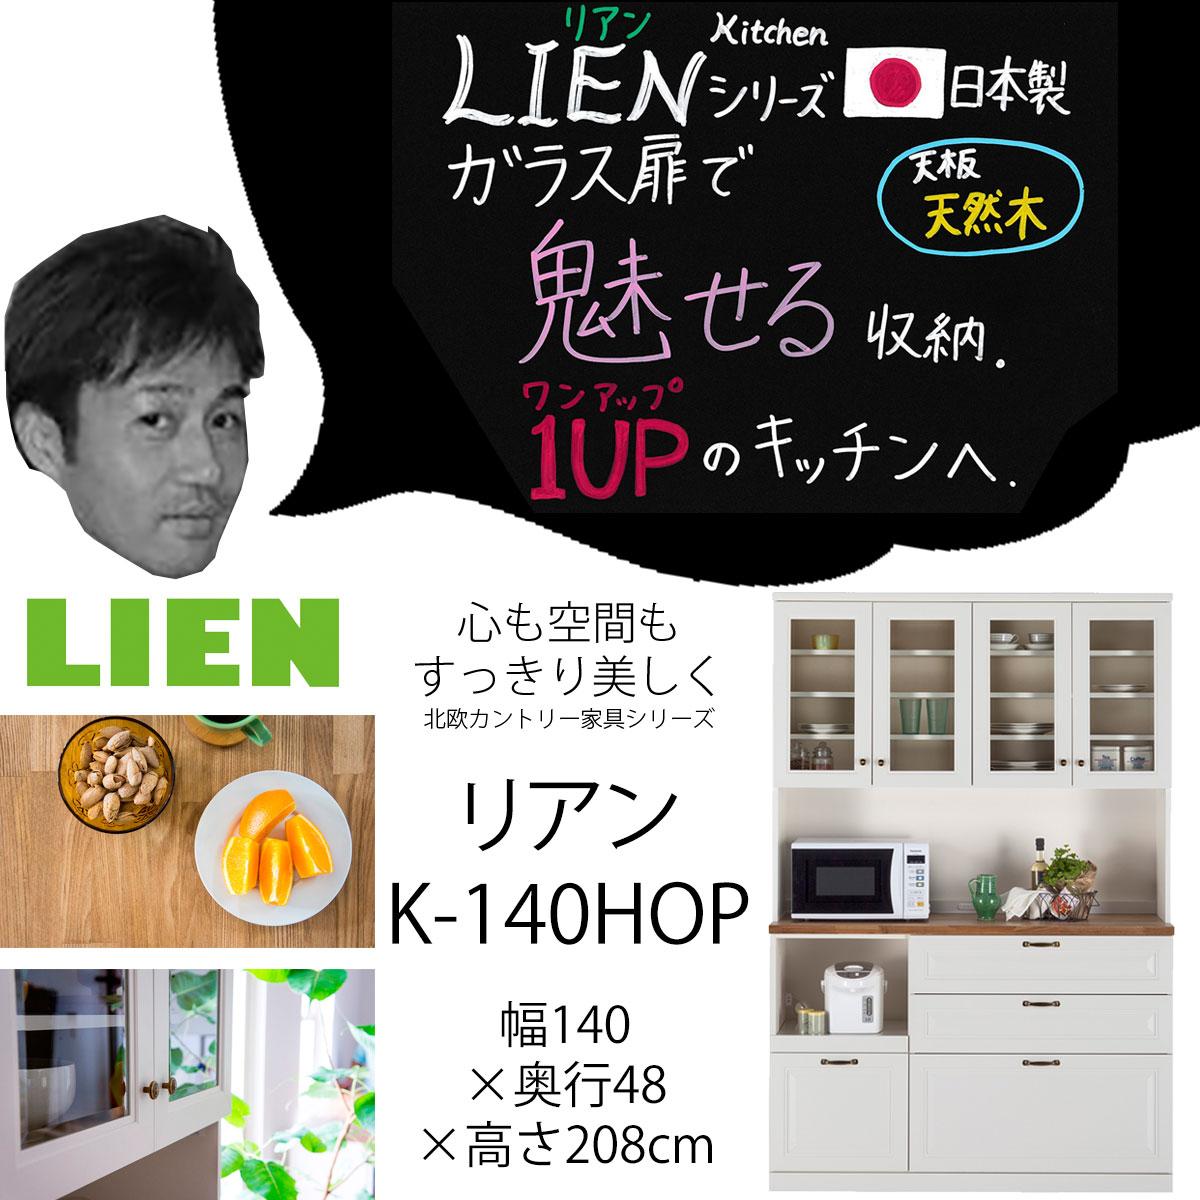 リアン K-140HOP 【本州四国は設置付き】ユーアイ食器棚 家電ボード レンジボード カントリー調 日本製 国産